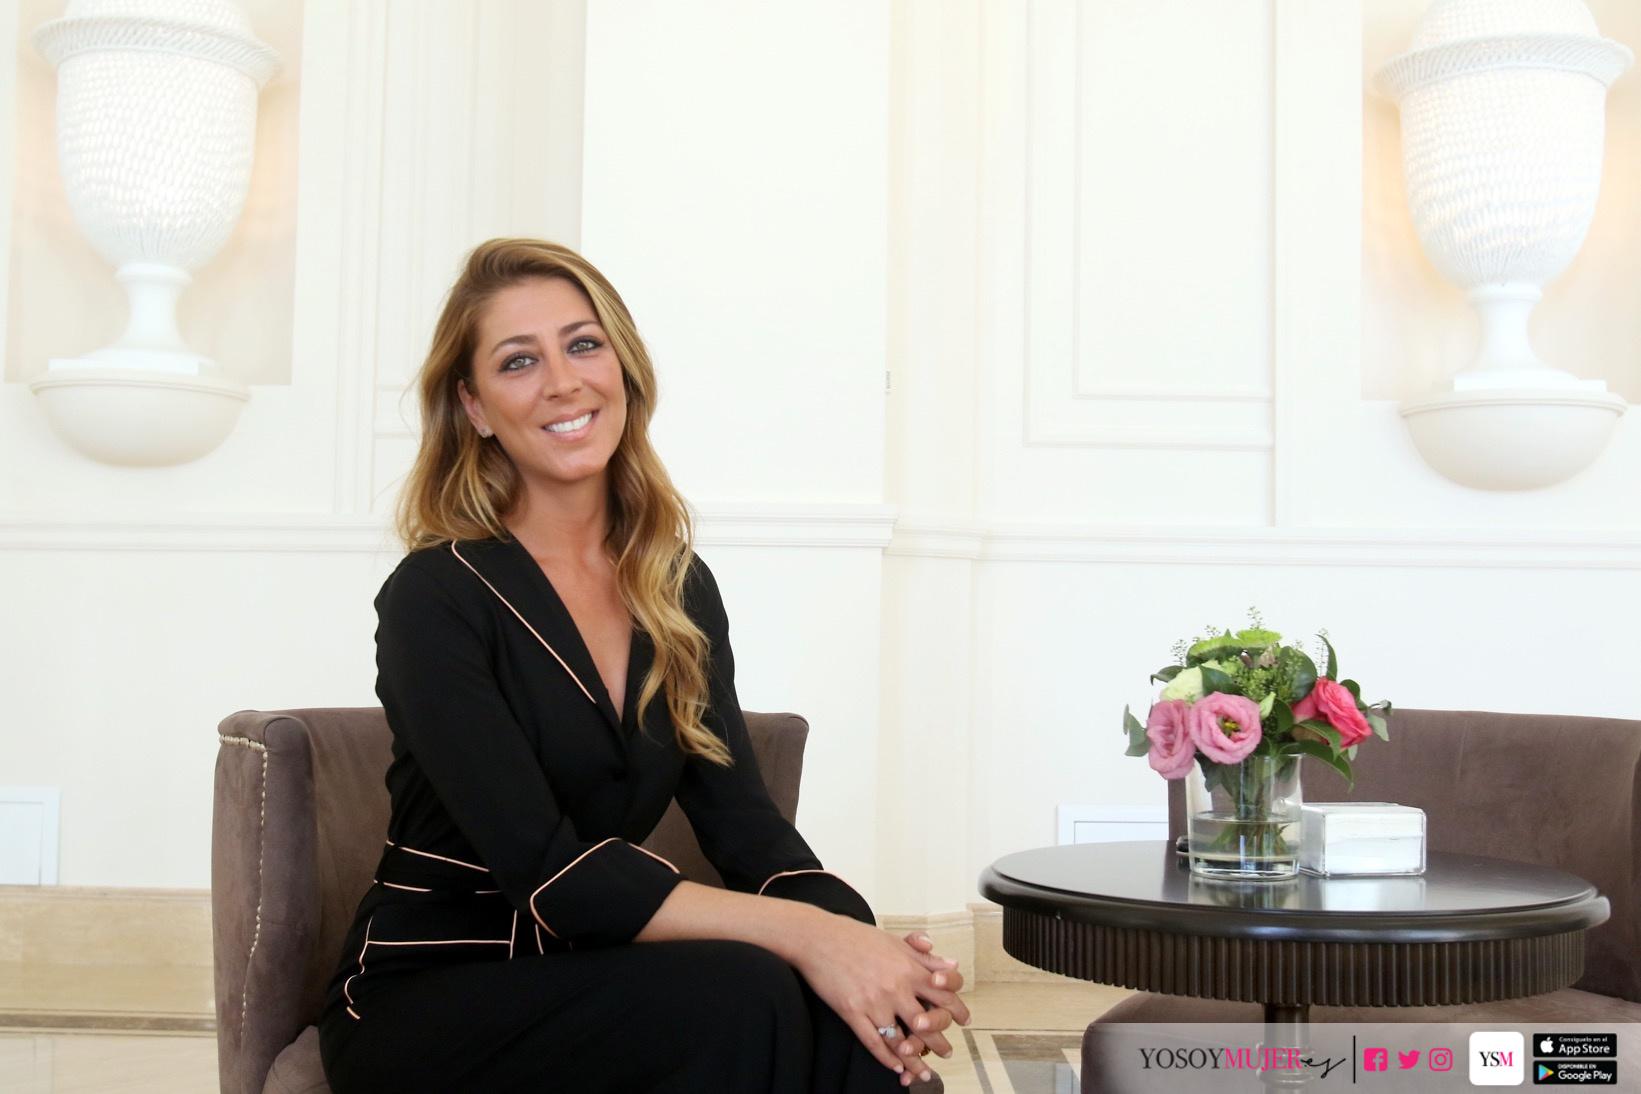 Mariola Valladares